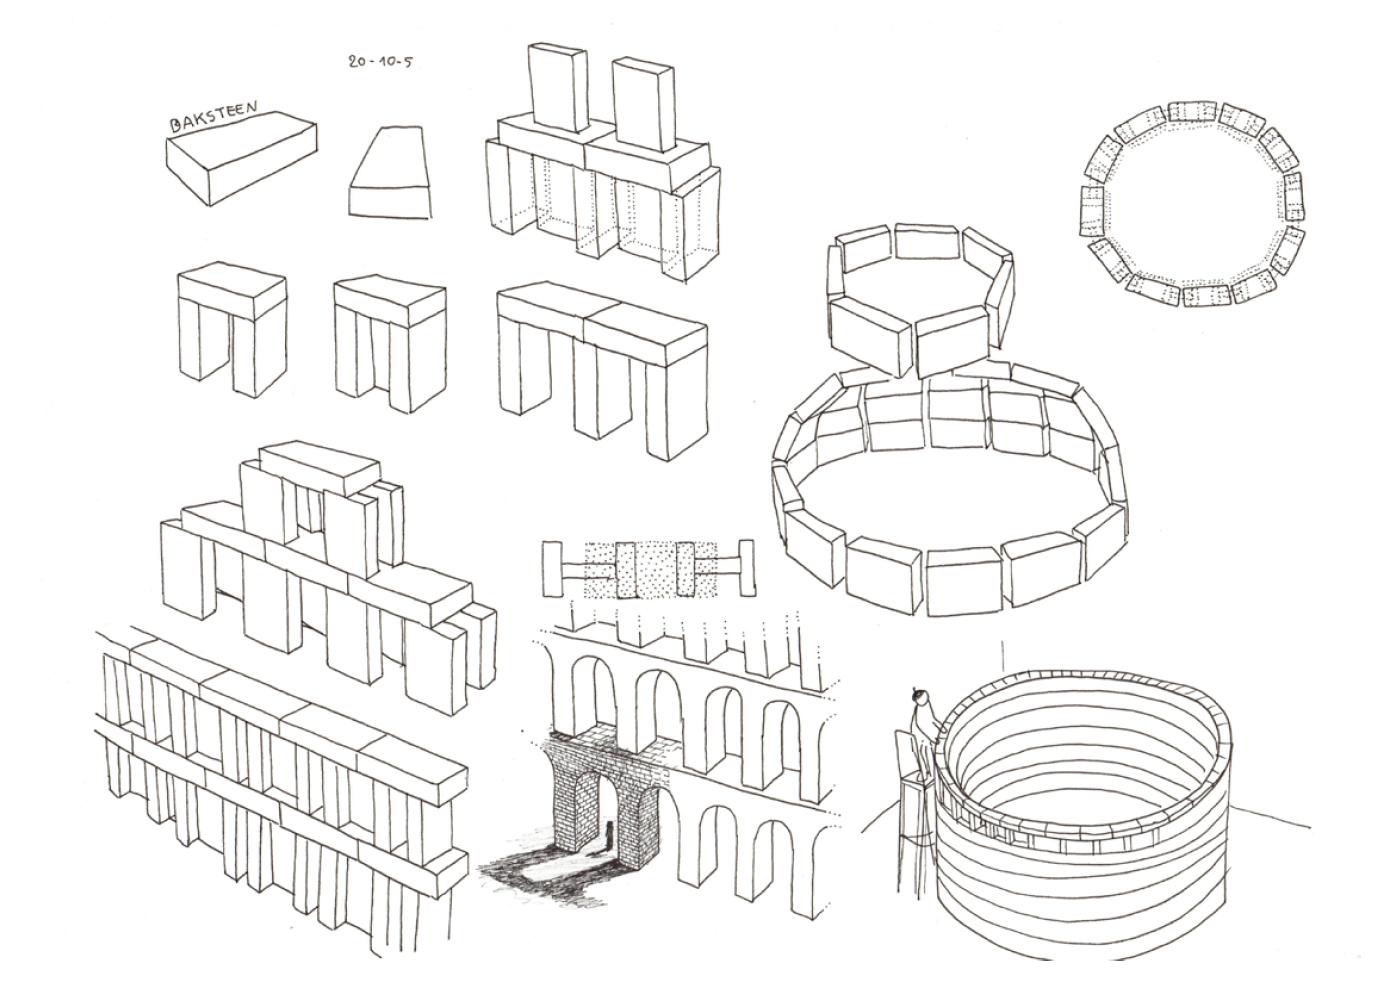 brick drawing 3.png